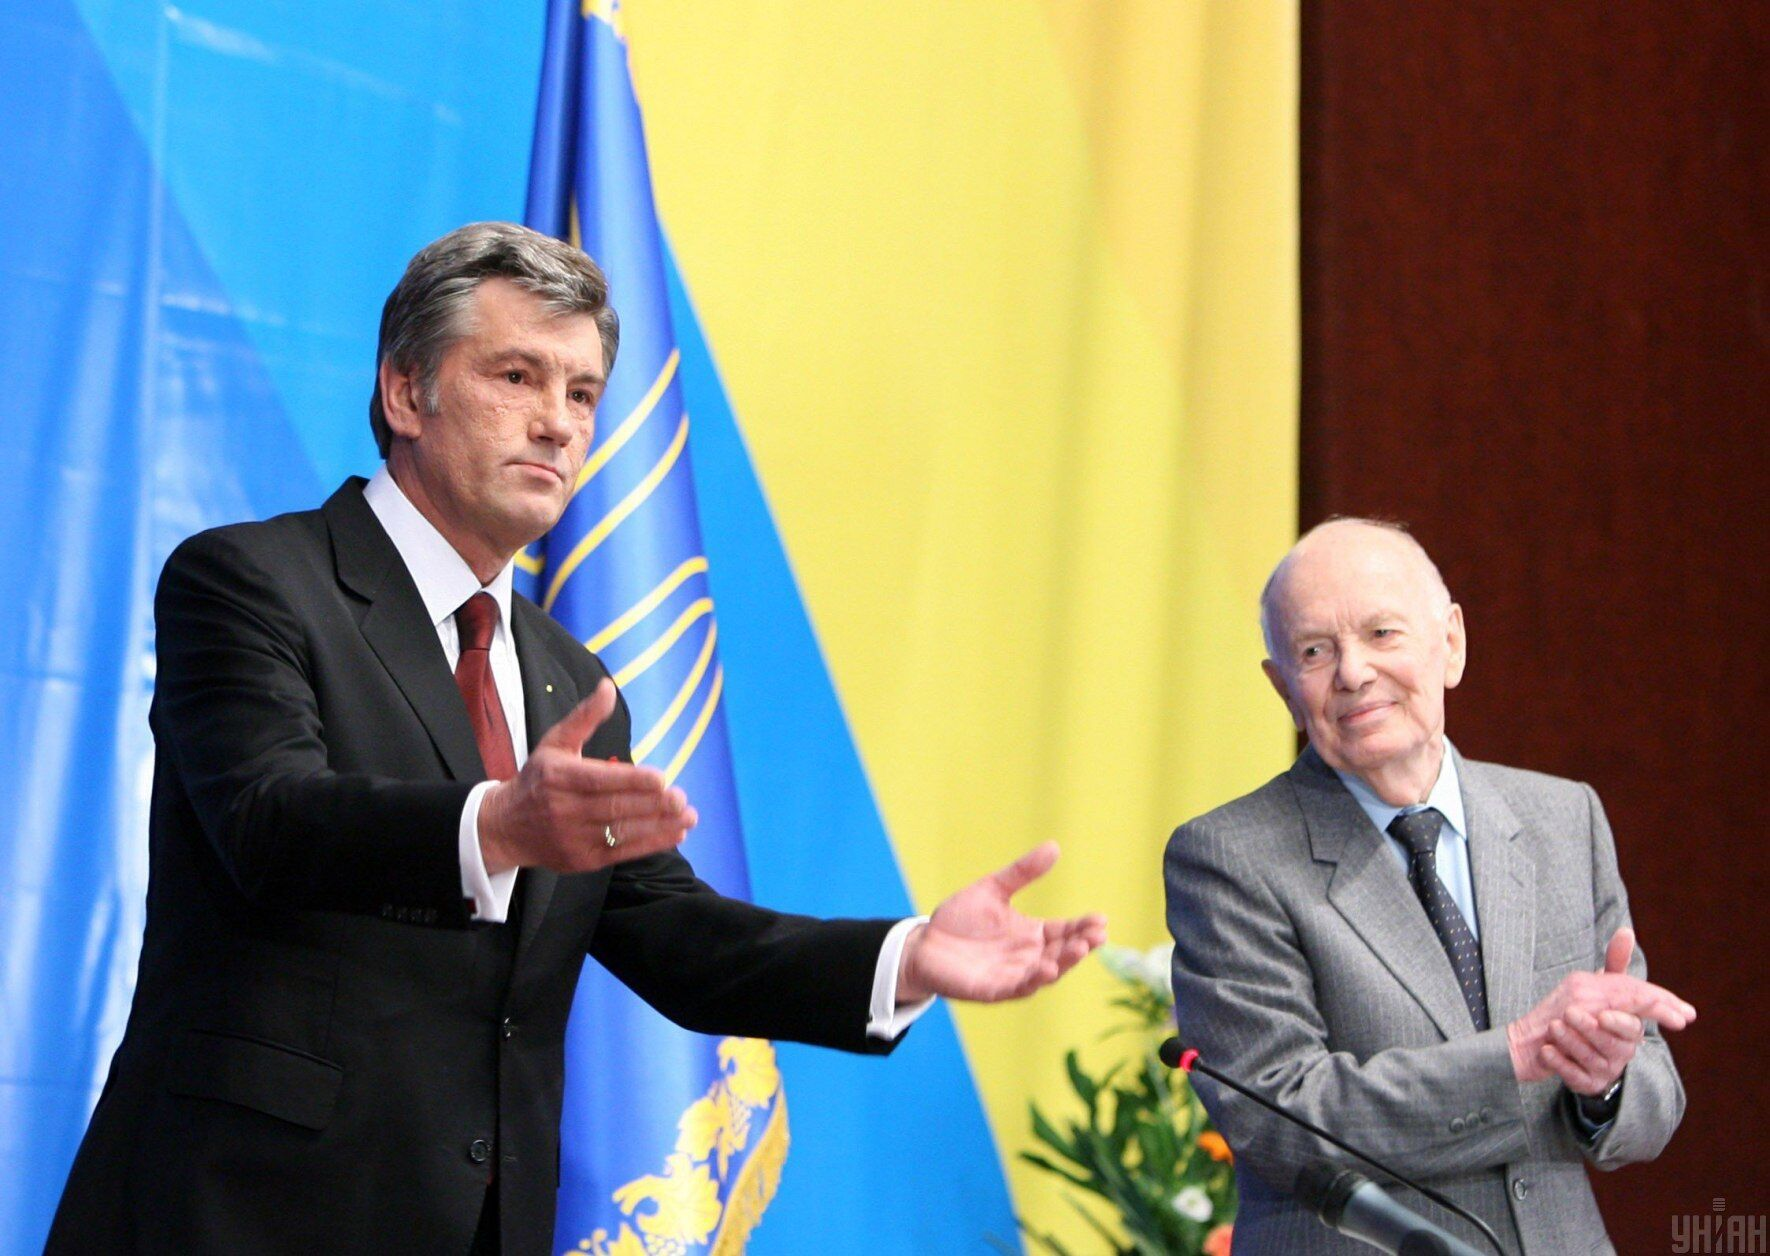 Третий президент Украины Виктор Ющенко и президент НАН Украины Борис Патон открывают Энергетический саммит в Киеве, 2008 год